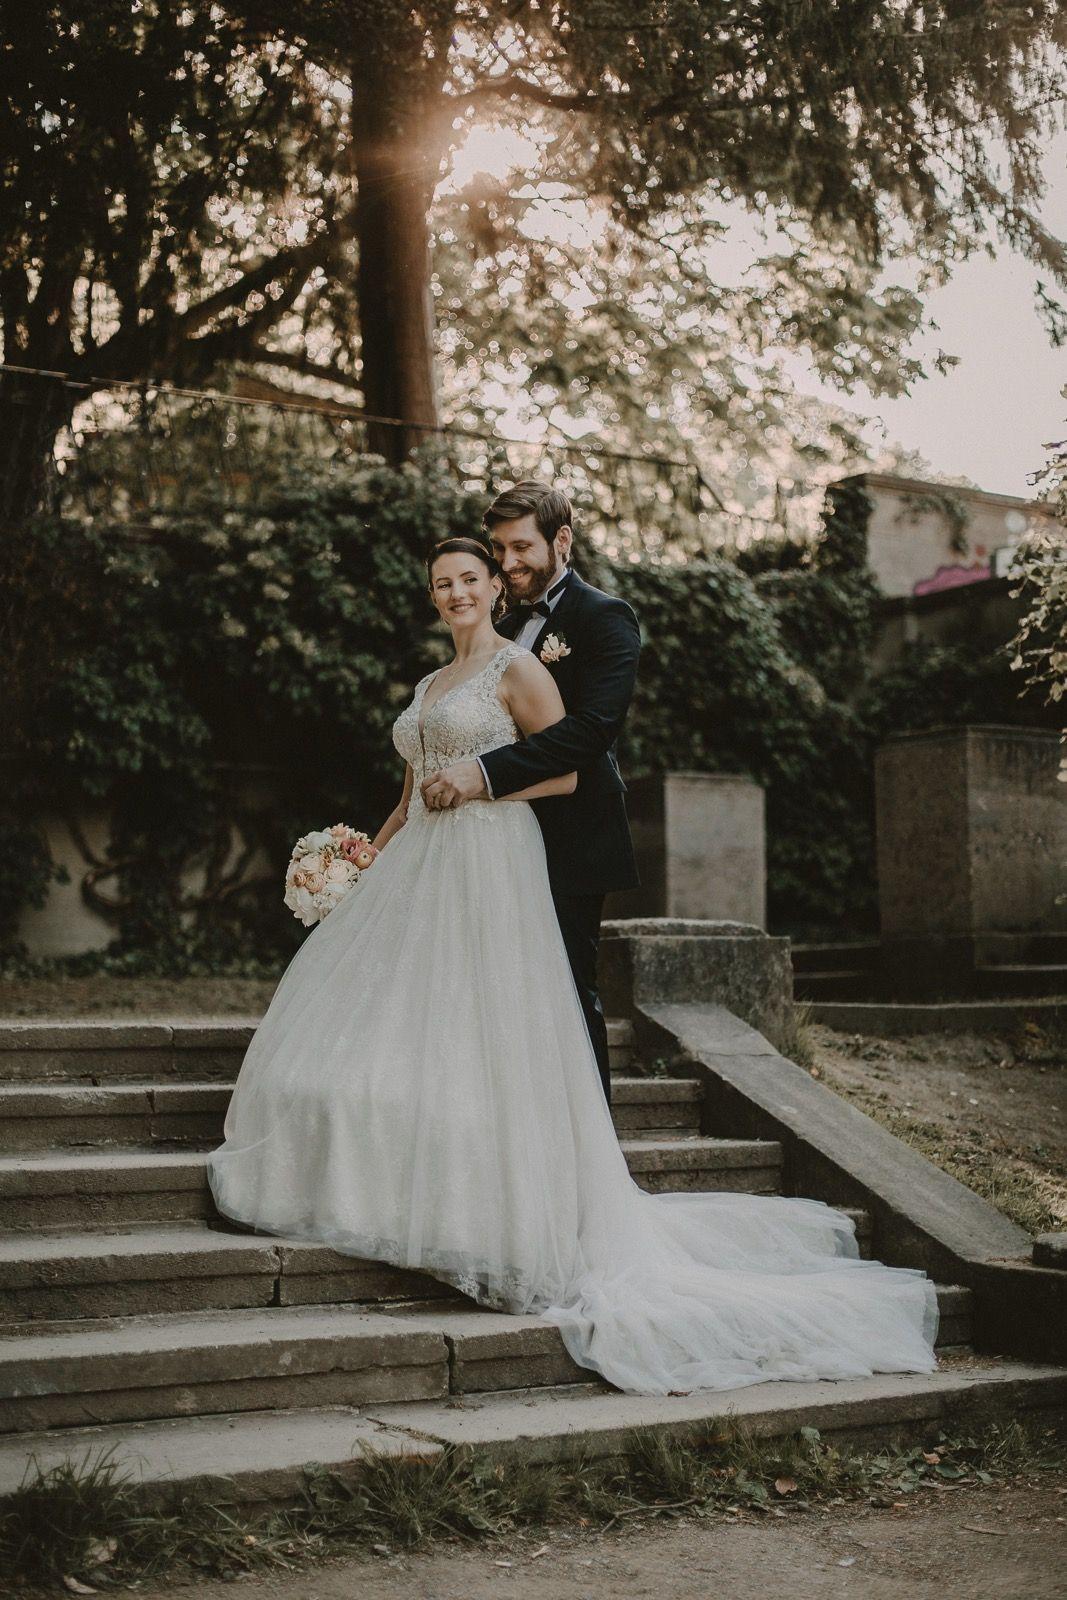 Heiraten In Zeiten Von Corona Nrw Koln In 2020 Heiraten Standesamtliche Trauung Standesamtliche Hochzeit